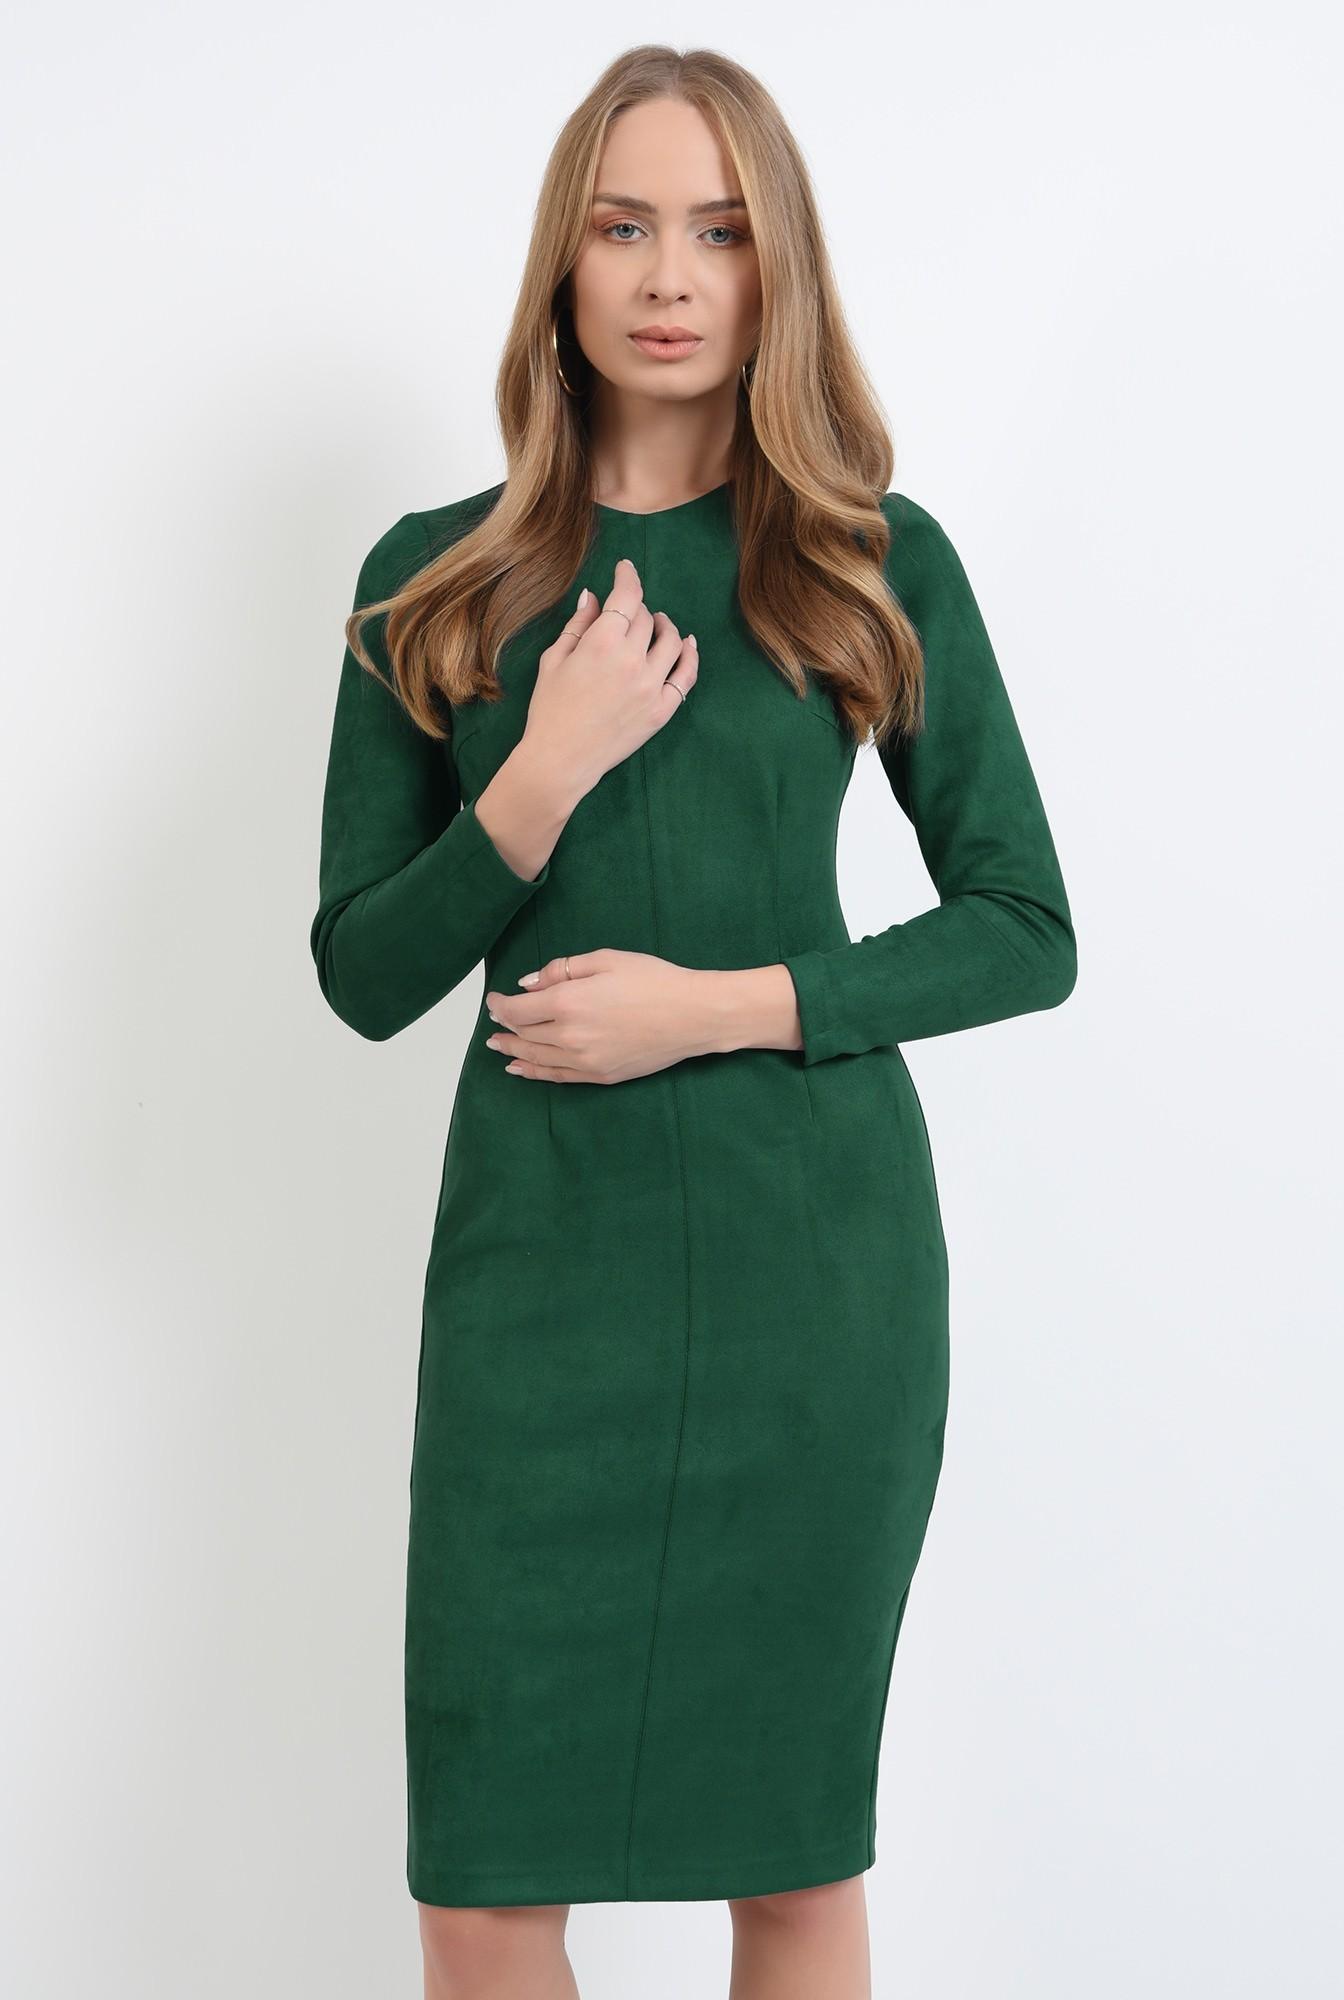 0 - rochie conica, verde, midi, Poema